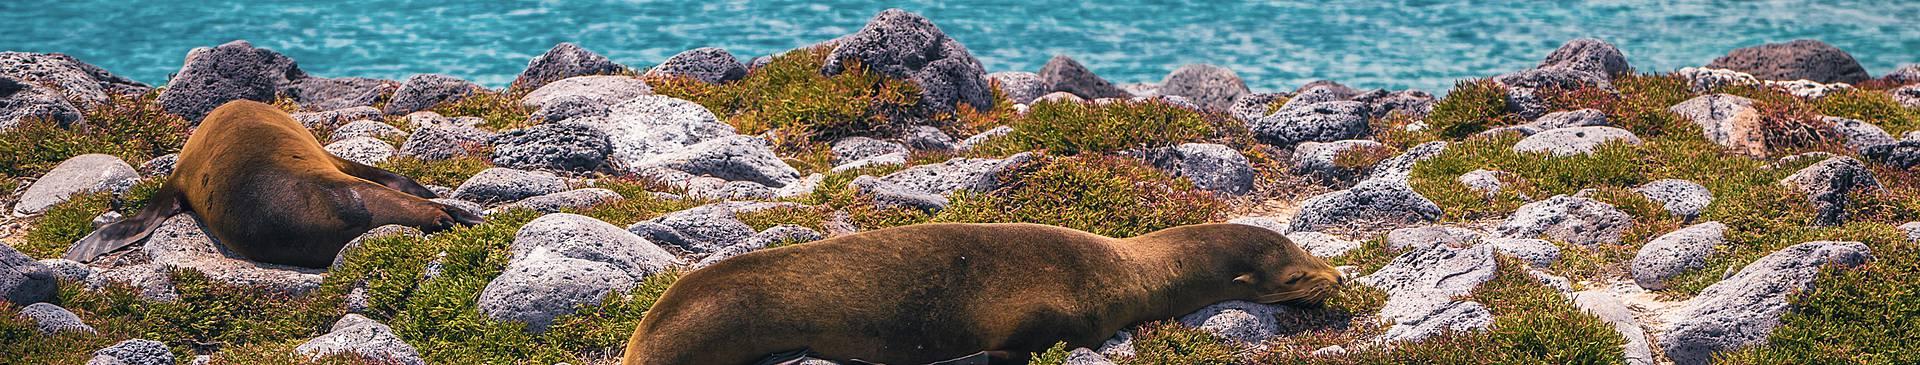 Rondreis 2 weken in de Galapagos eilanden